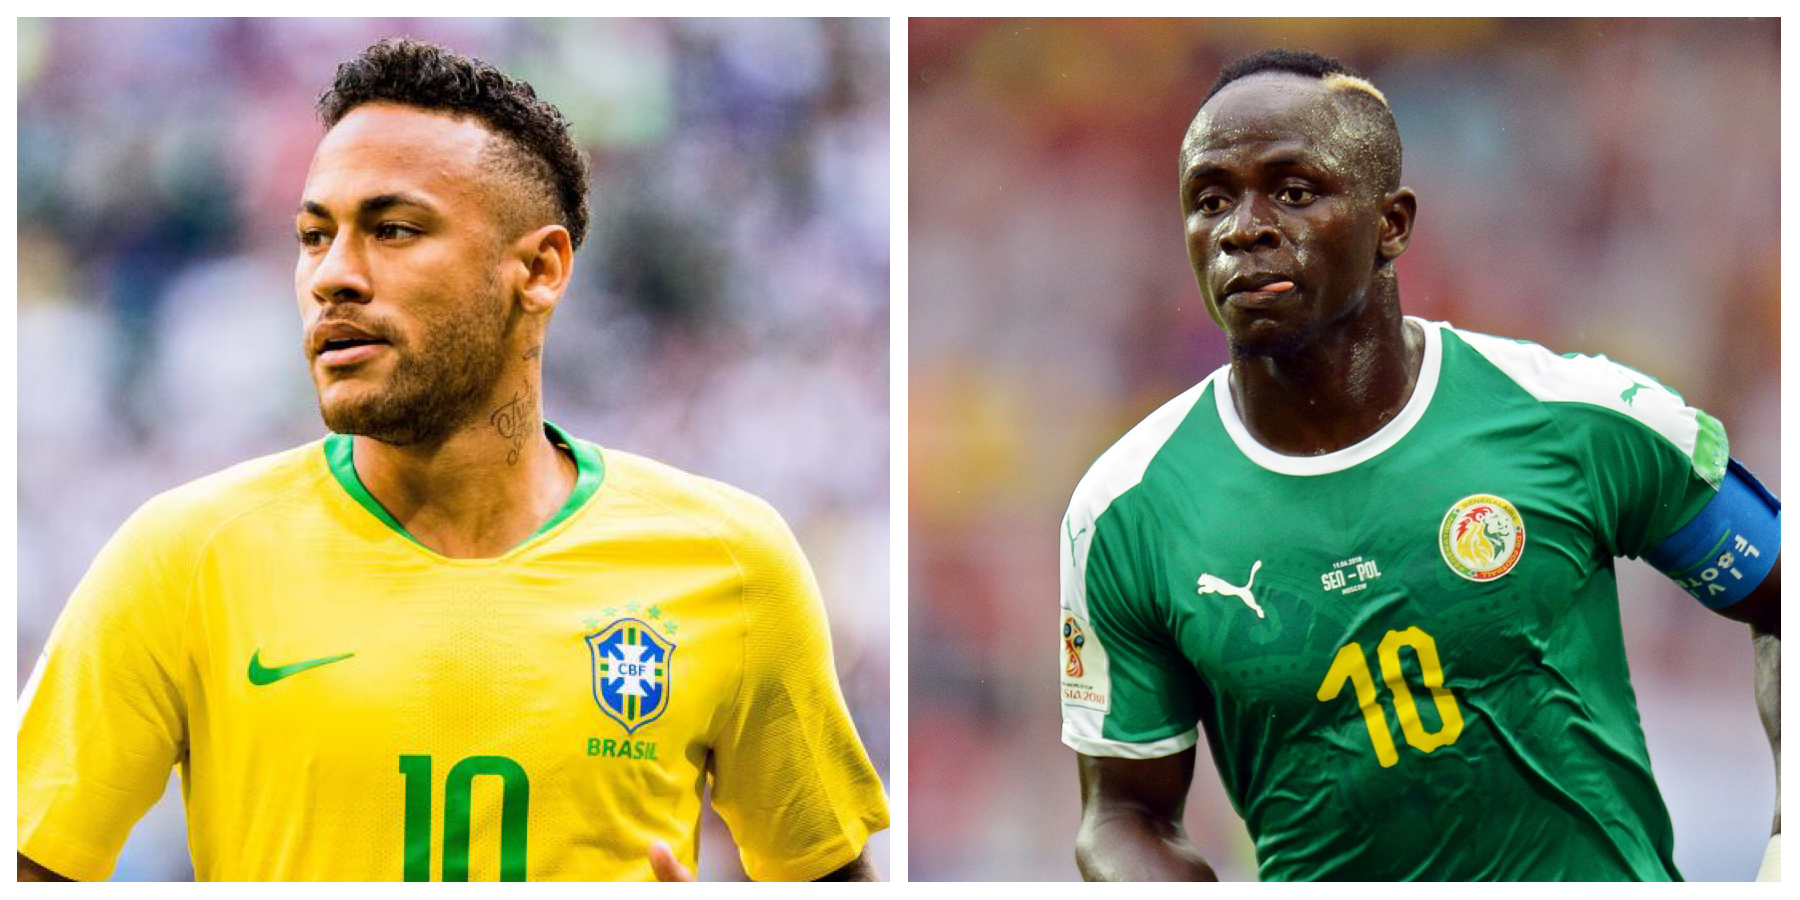 Football : le match amical Brésil-Sénégal n'est pas encore officialisé, selon la FSF